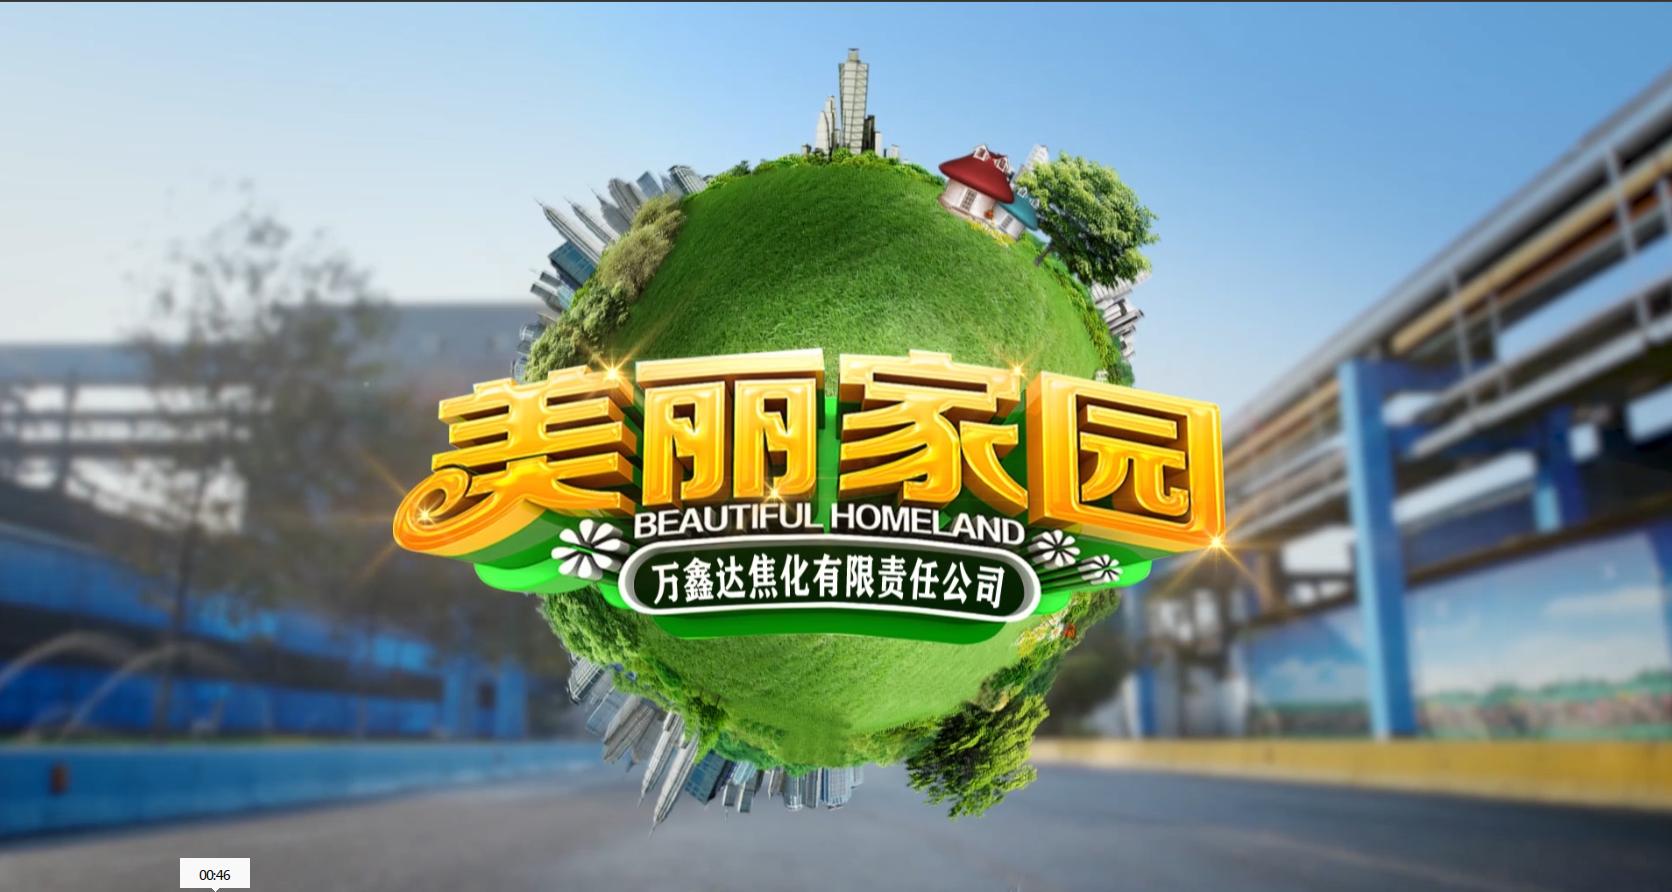 万鑫达焦化企业宣传片-导演精剪版